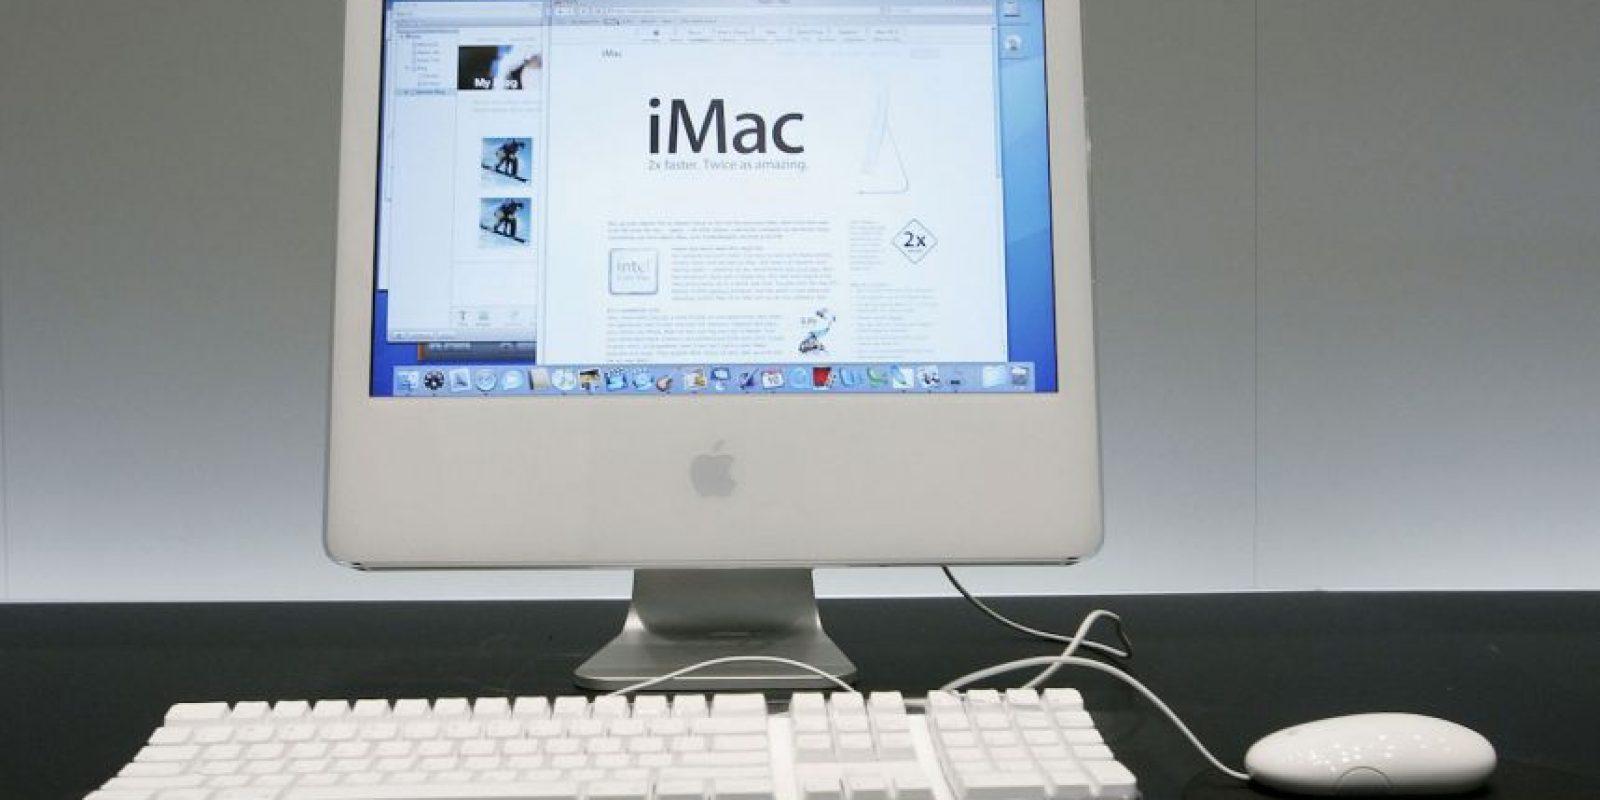 La iMac G5 integra la CPU detrás de su pantalla TFT, haciendo de ella una computadora muy compacta, dando la sensación de no tener CPU Foto:Getty Images